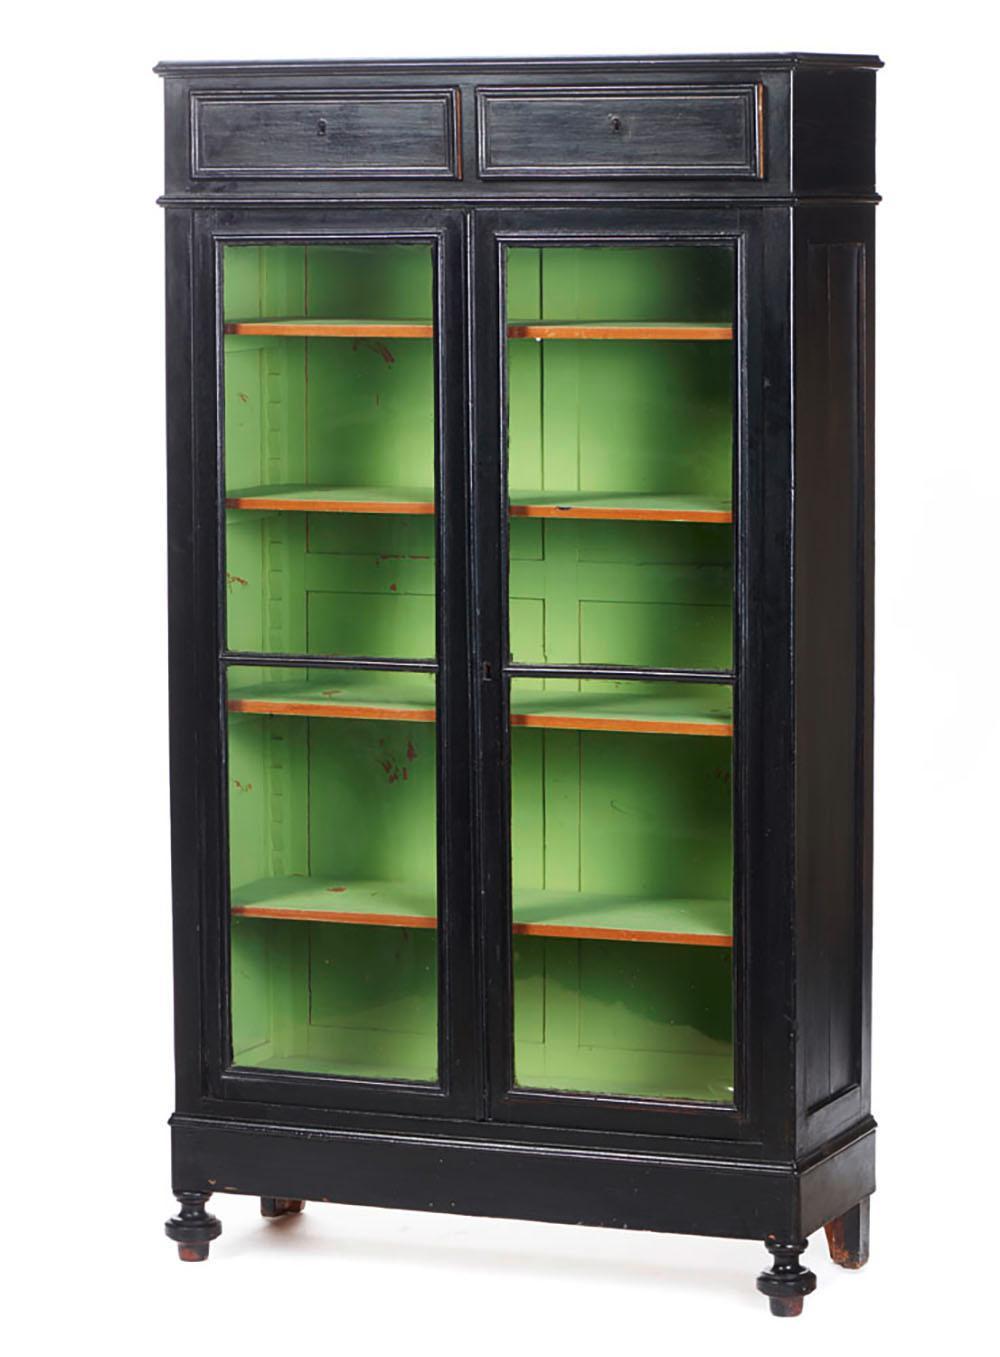 Armário vitrine em madeira patinada